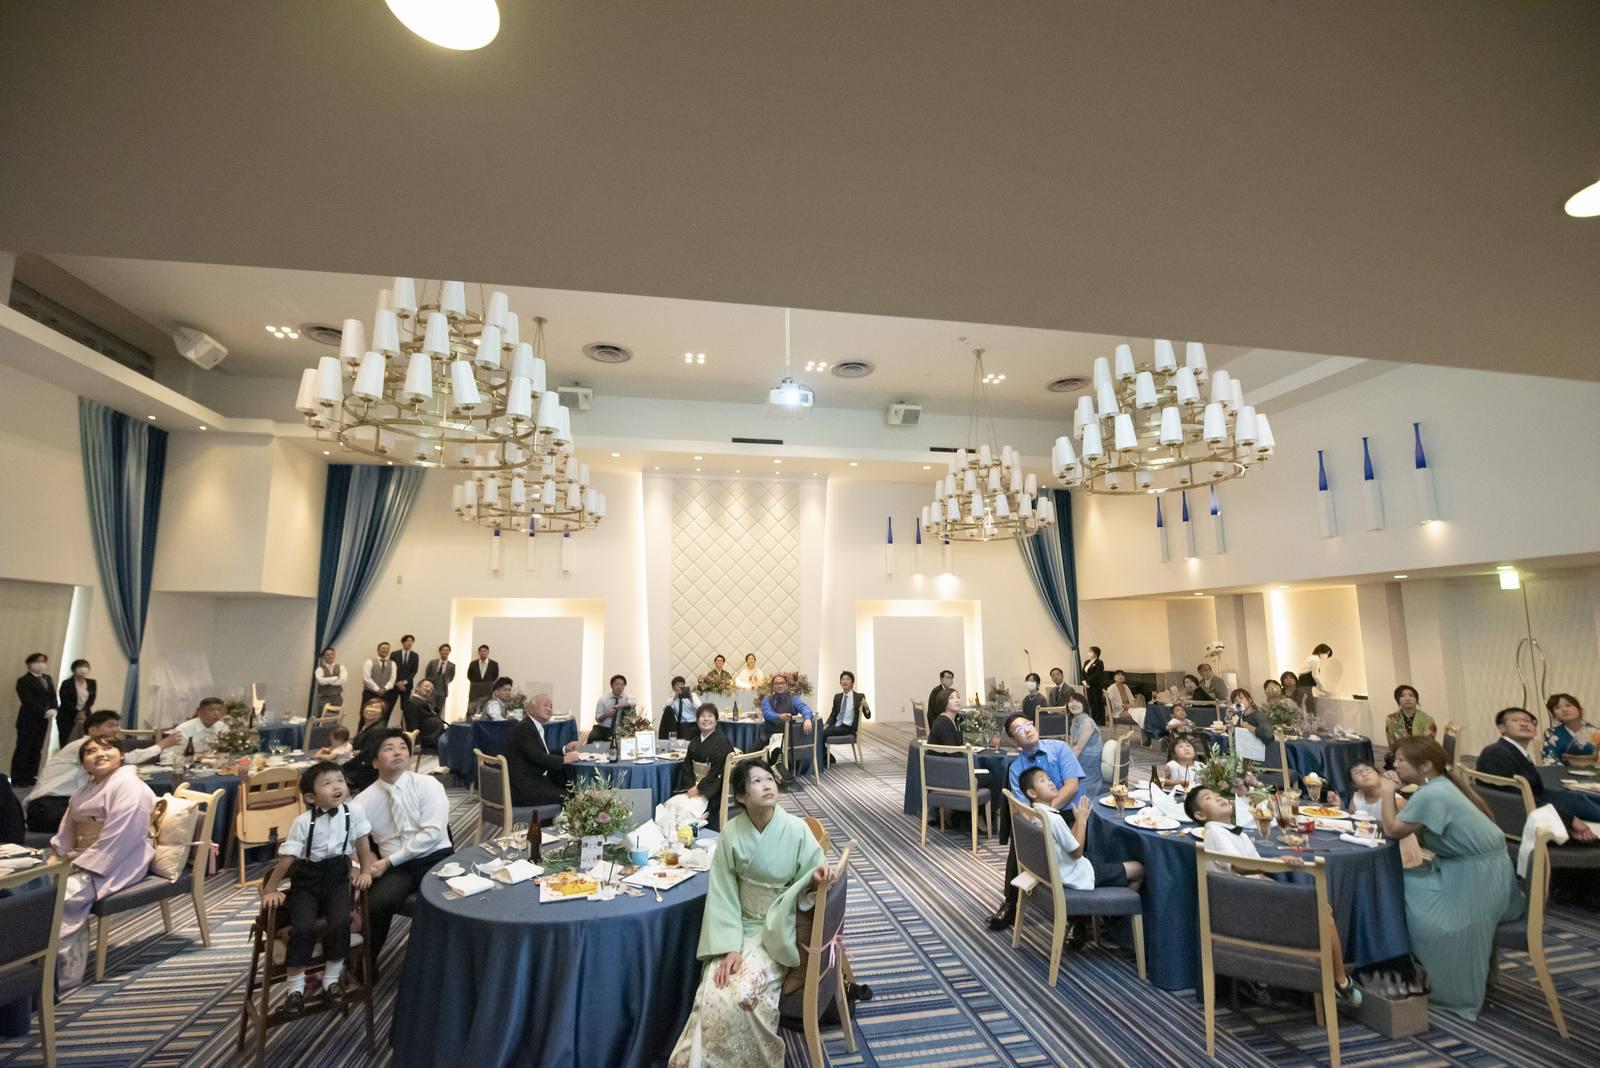 香川県の結婚式場シェルエメール&アイスタイルの会場